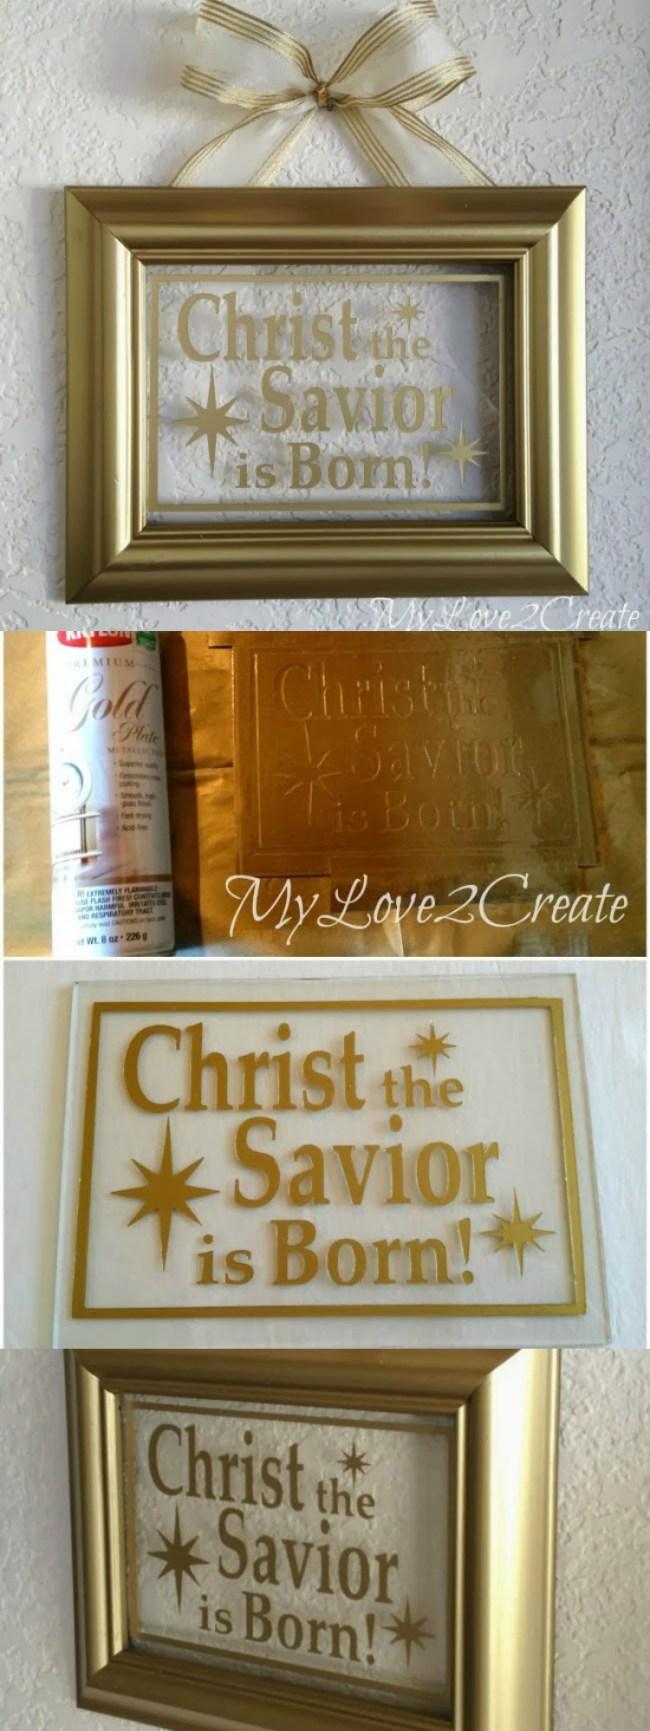 Christ the Savior is Born DIY Christmas Decor  |  My Love 2 Create for OHMY-CREATIVE.COM